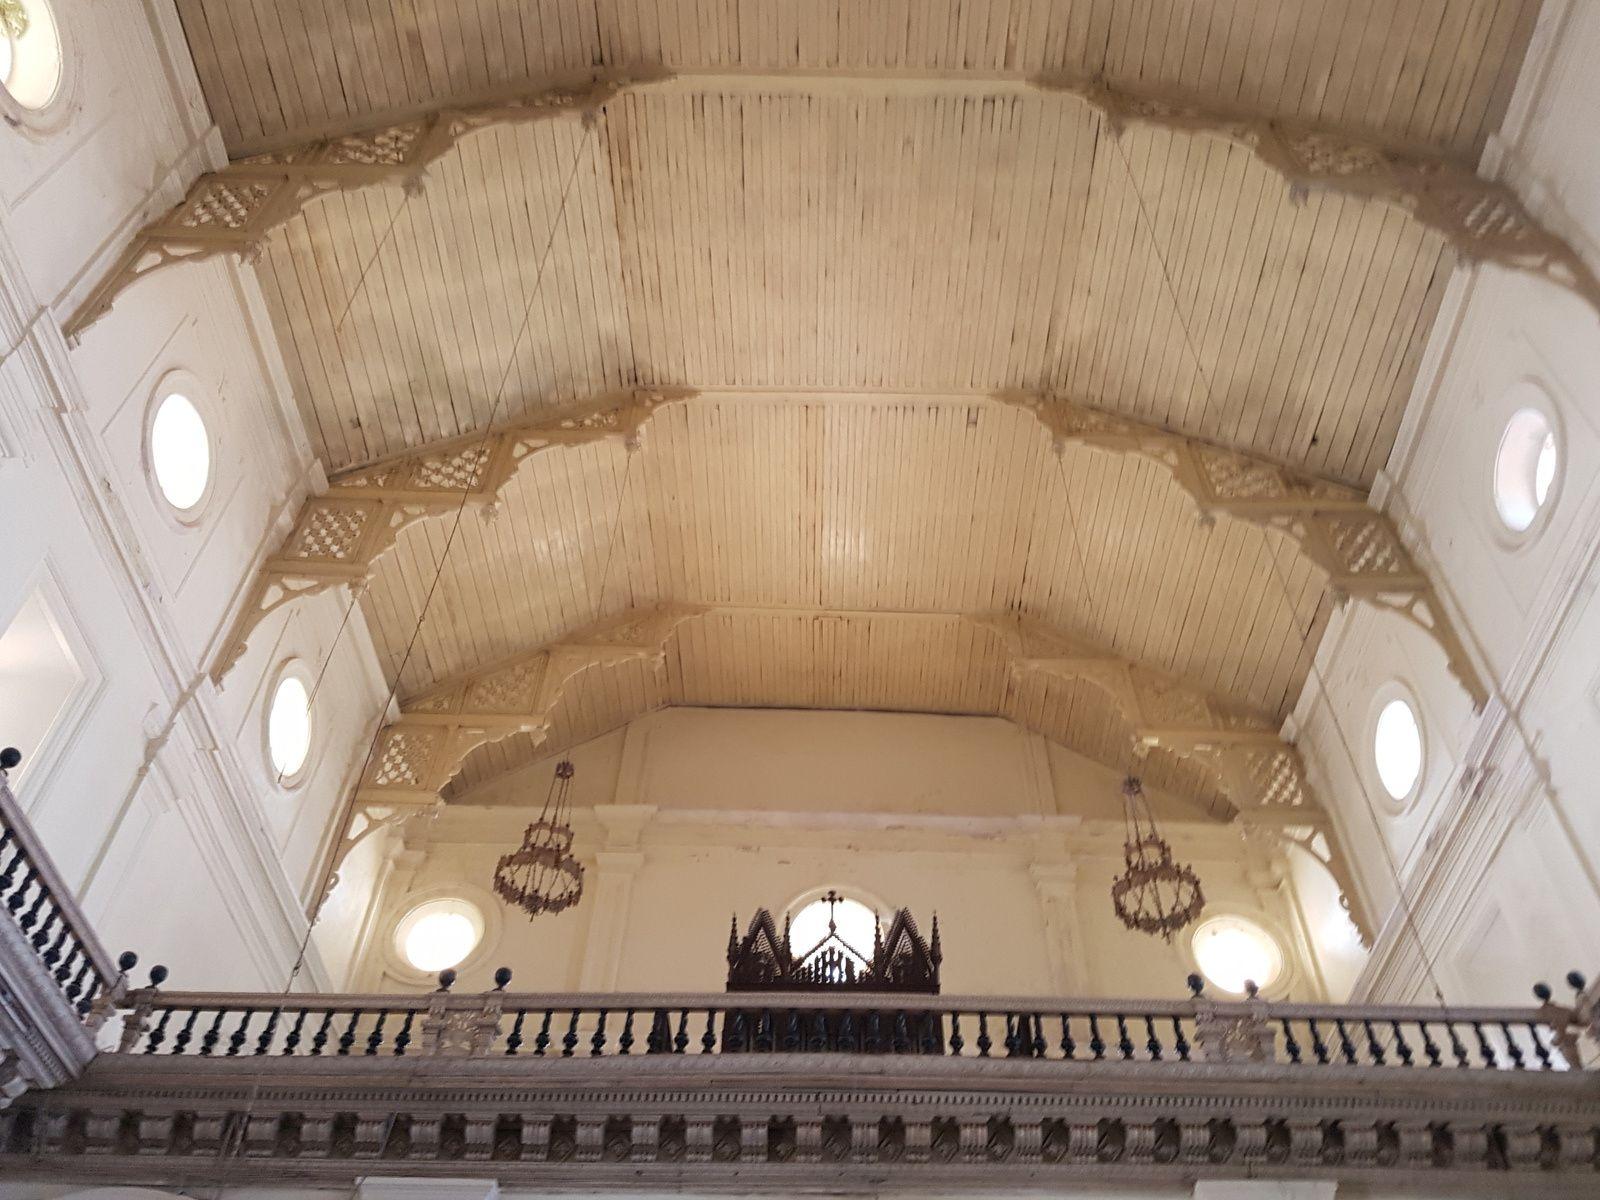 Les autels et la chaire de prédication, de style baroque ..attention les angelots vous surveillent !!!